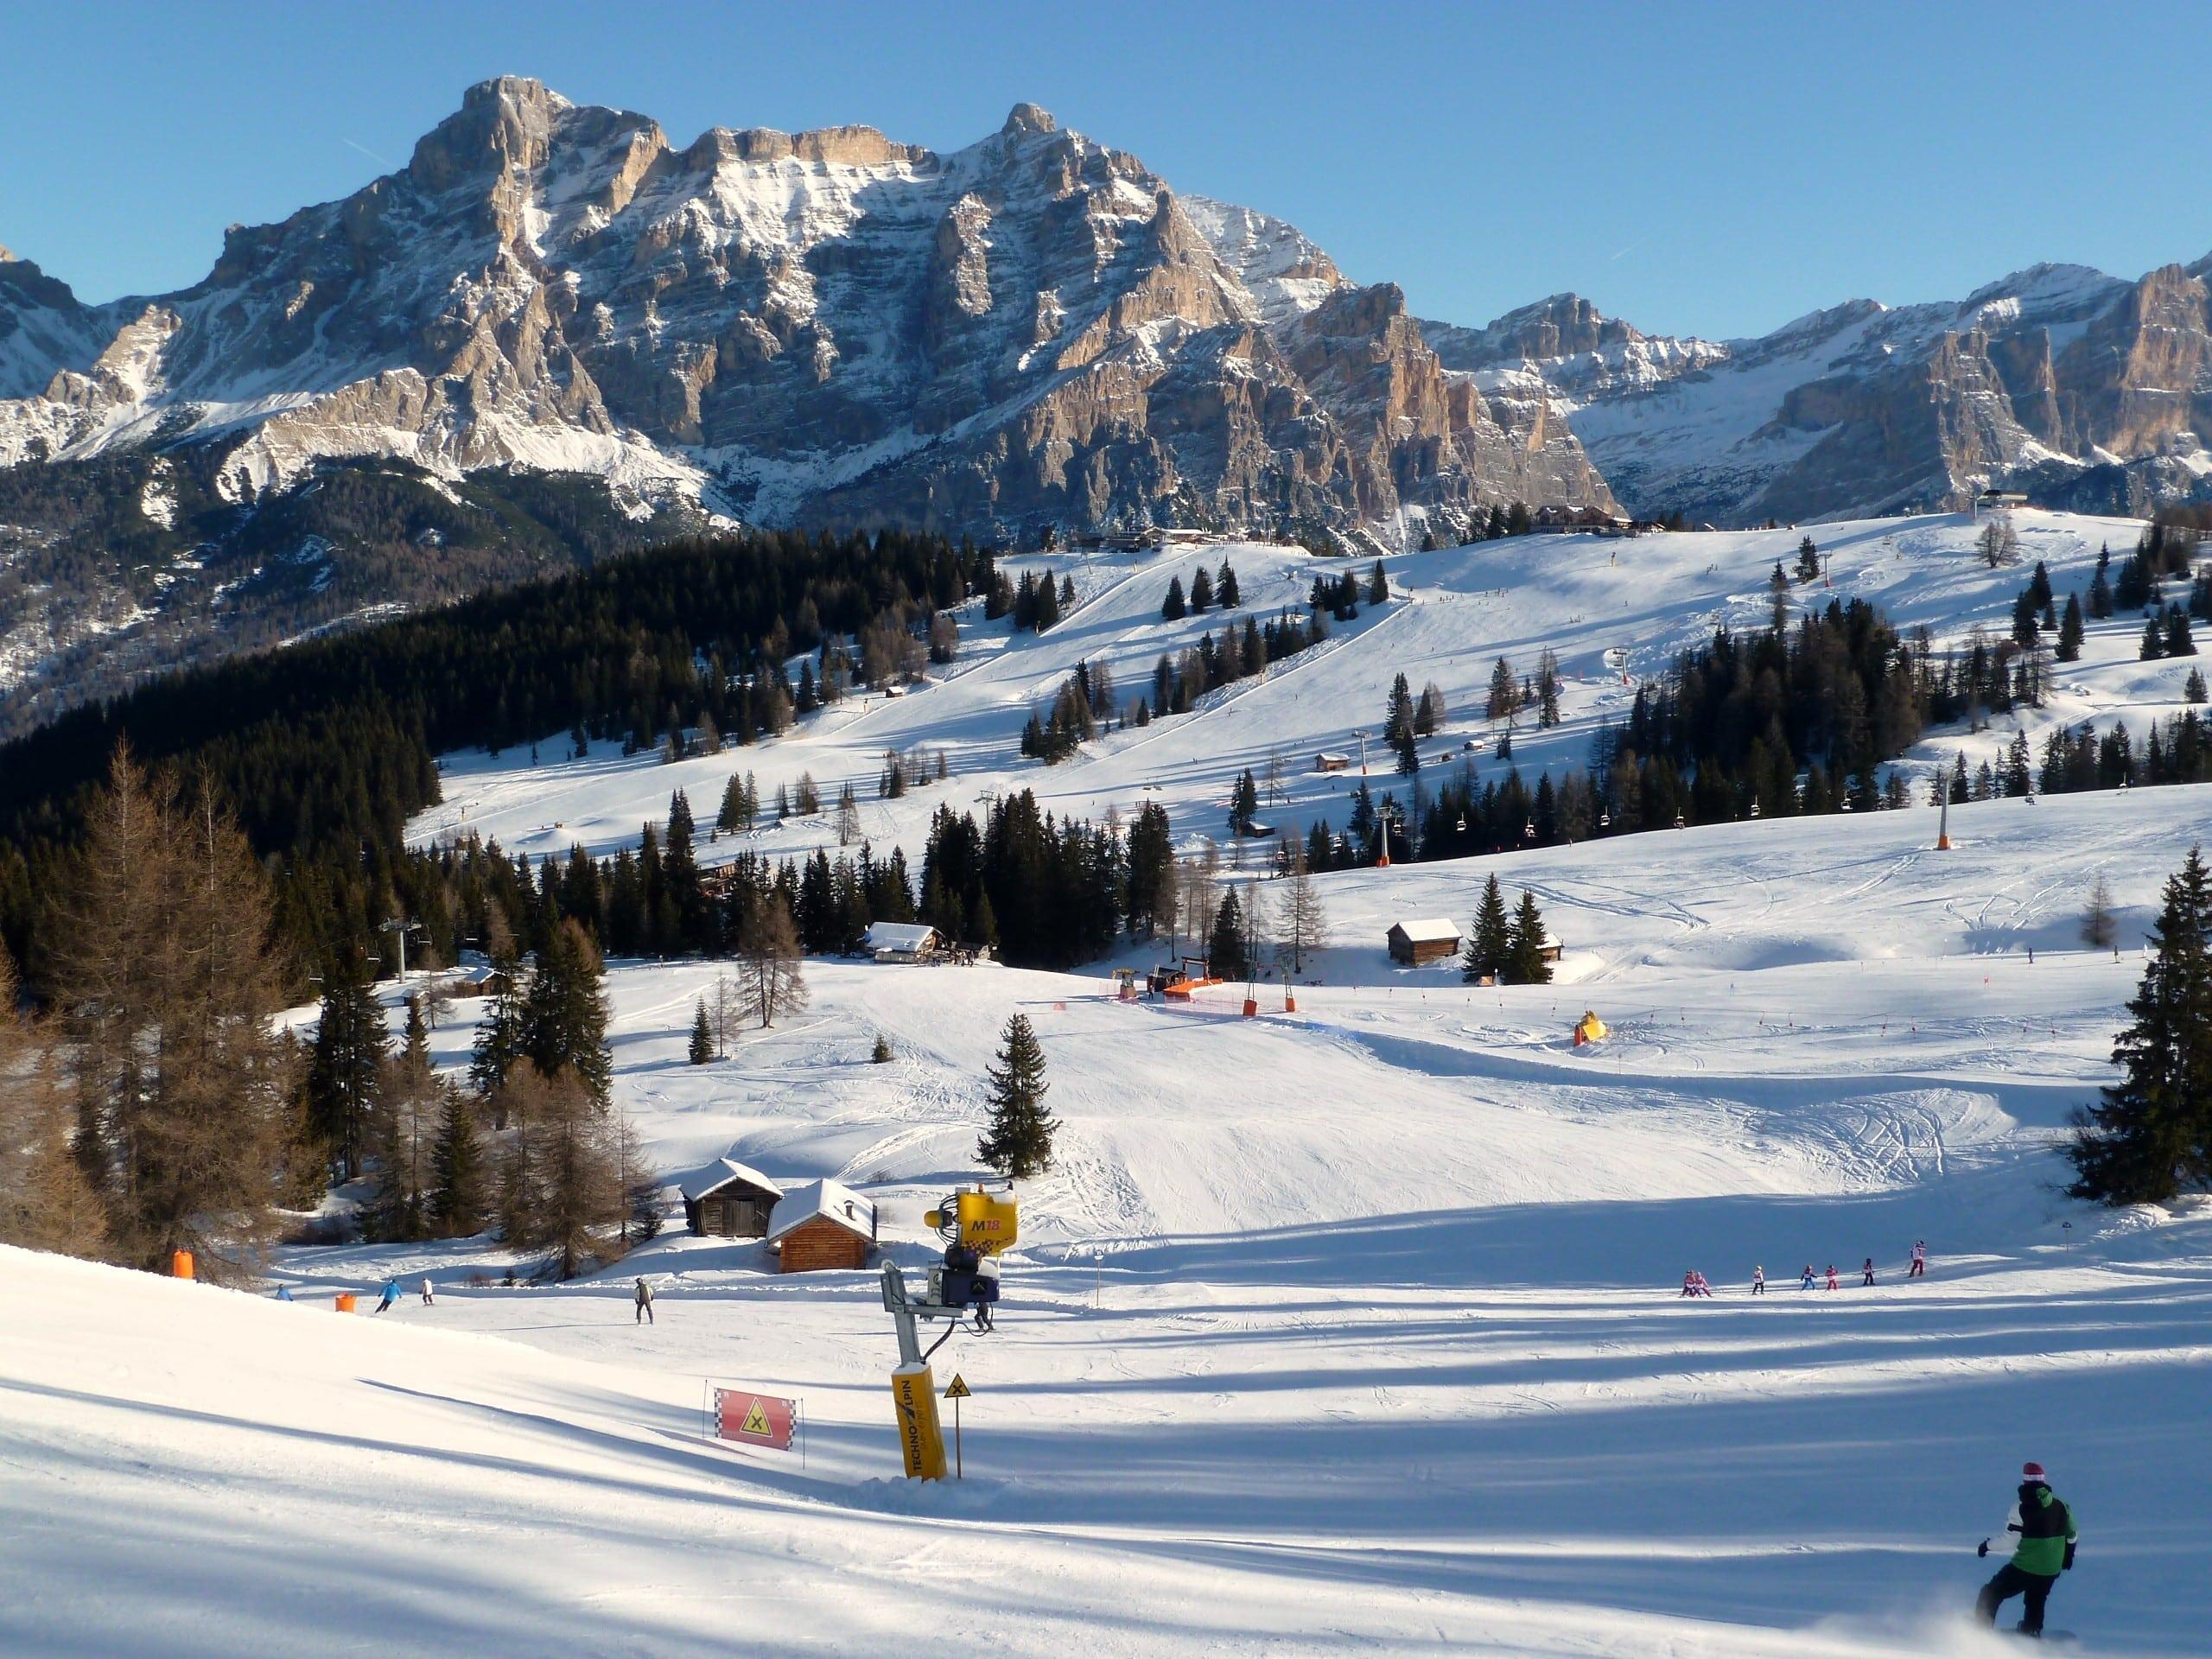 Vue sur un paysage de montagne ensoleillé lors d'un cours de ski avec l'une des écoles de ski à Corvara.